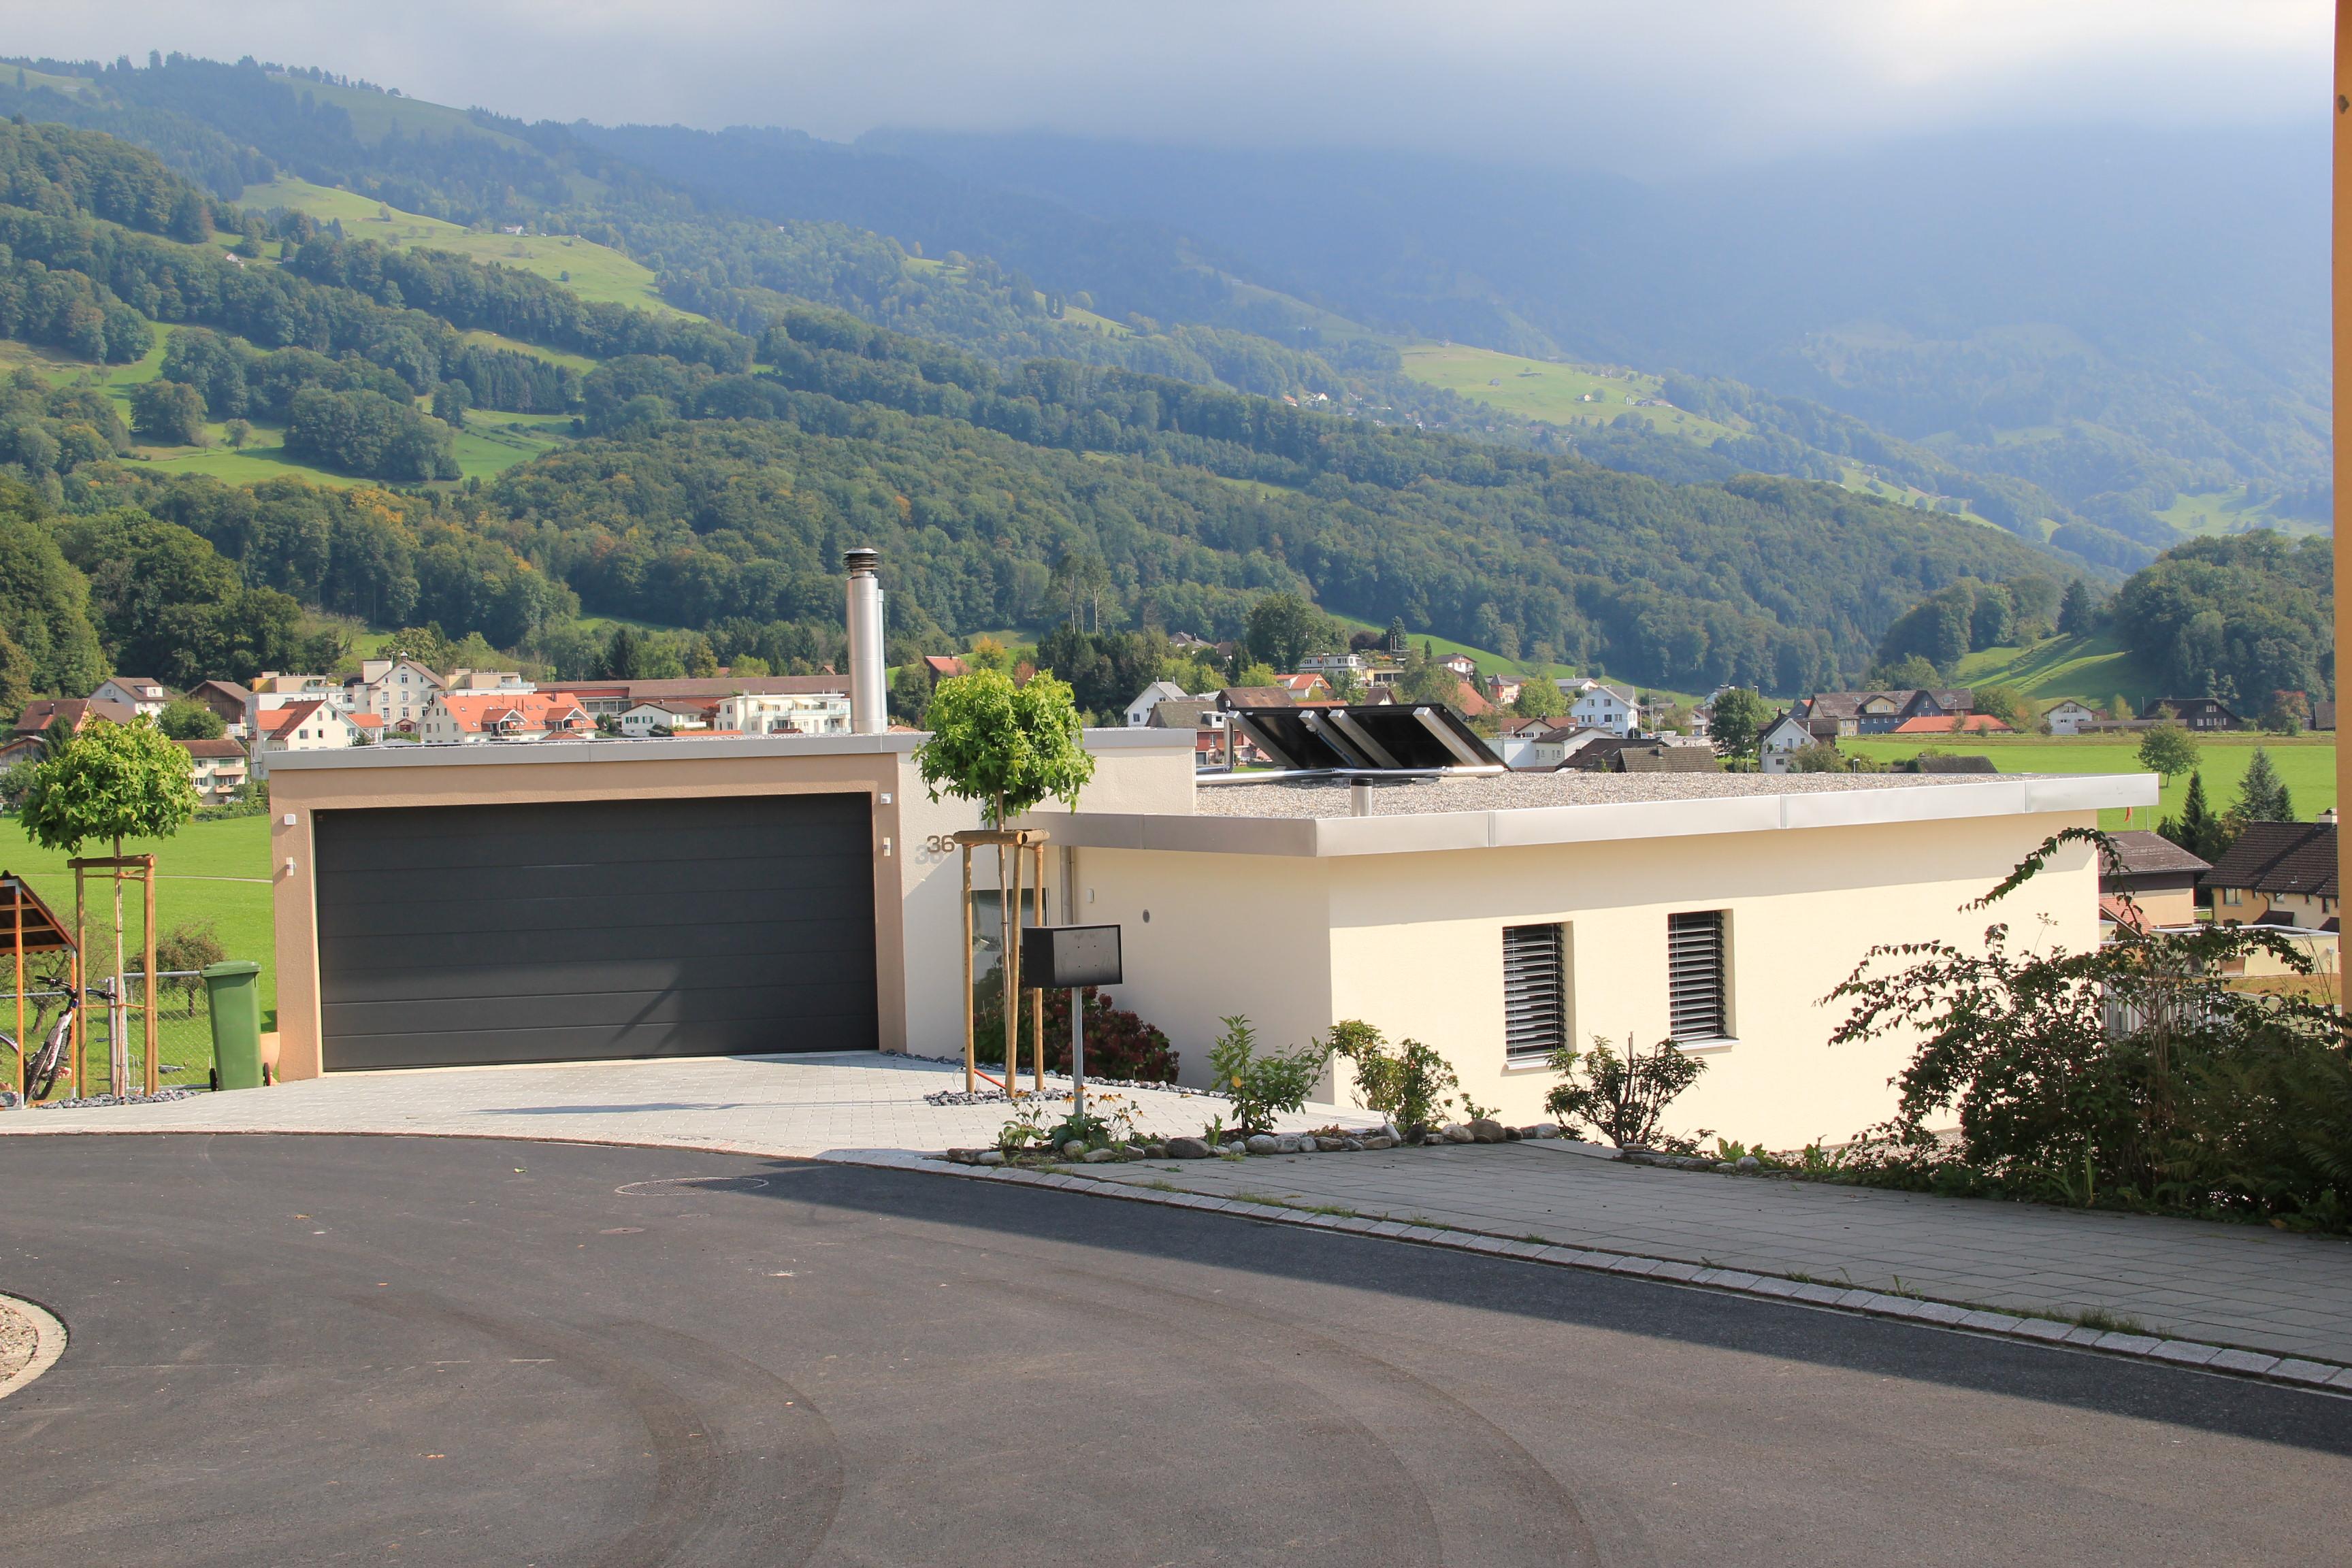 Neubau Architektur Ronner Planung Bauleitung Bau Kaltbrunn Müllisperg neues Heim modern zeitgenössisch